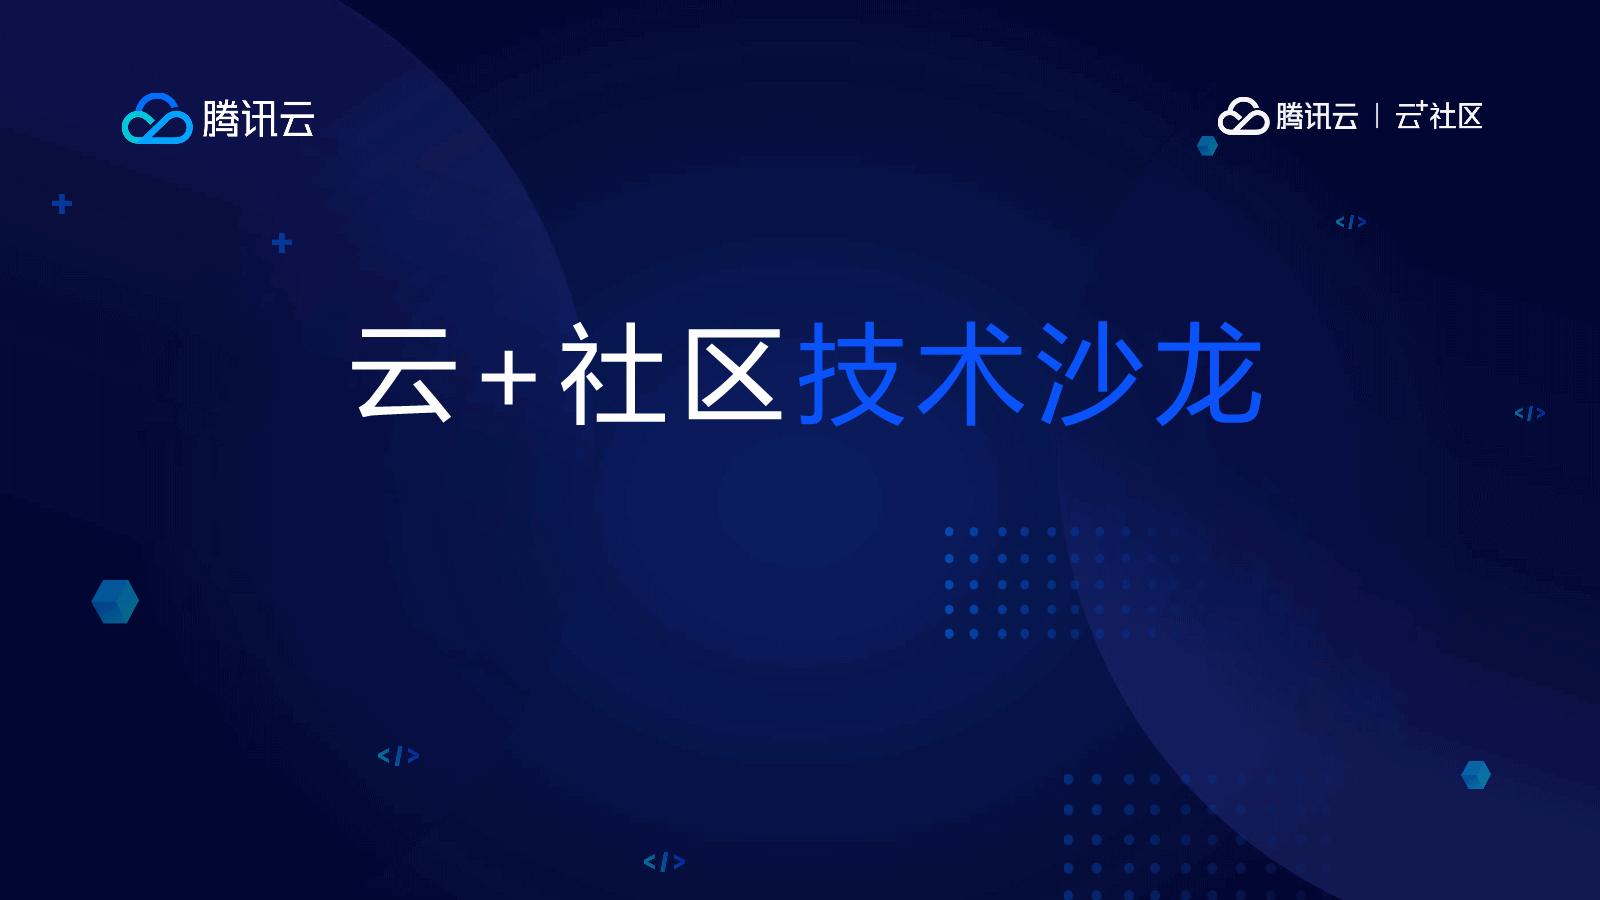 朱建平-如何架构海量存储系统